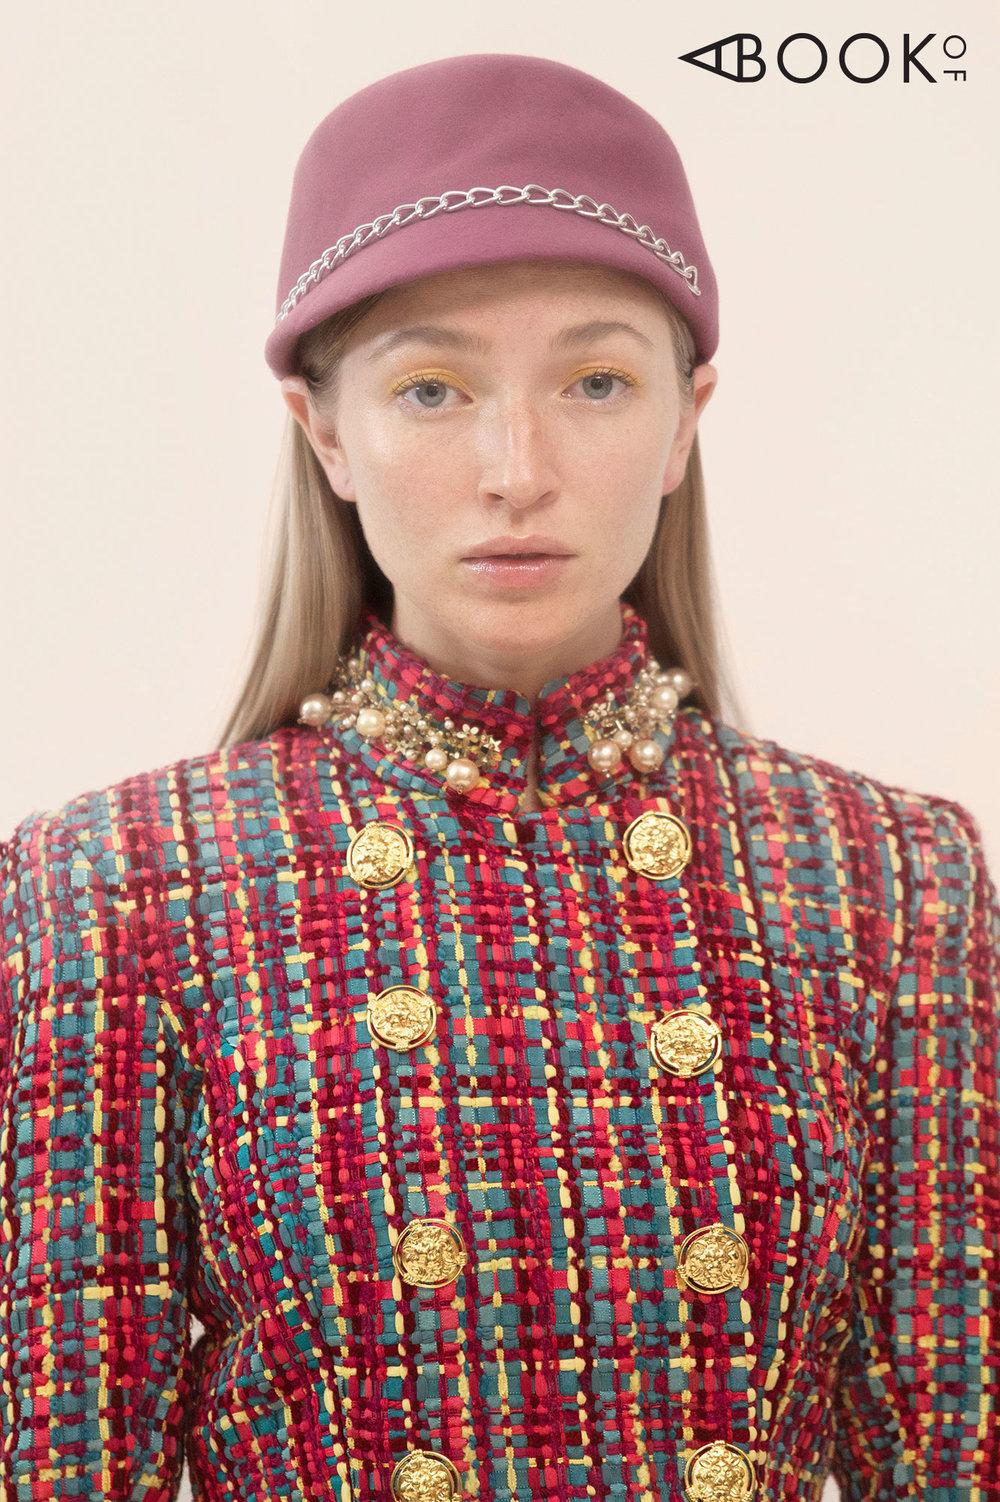 Jacket: Elisabetta Franchi